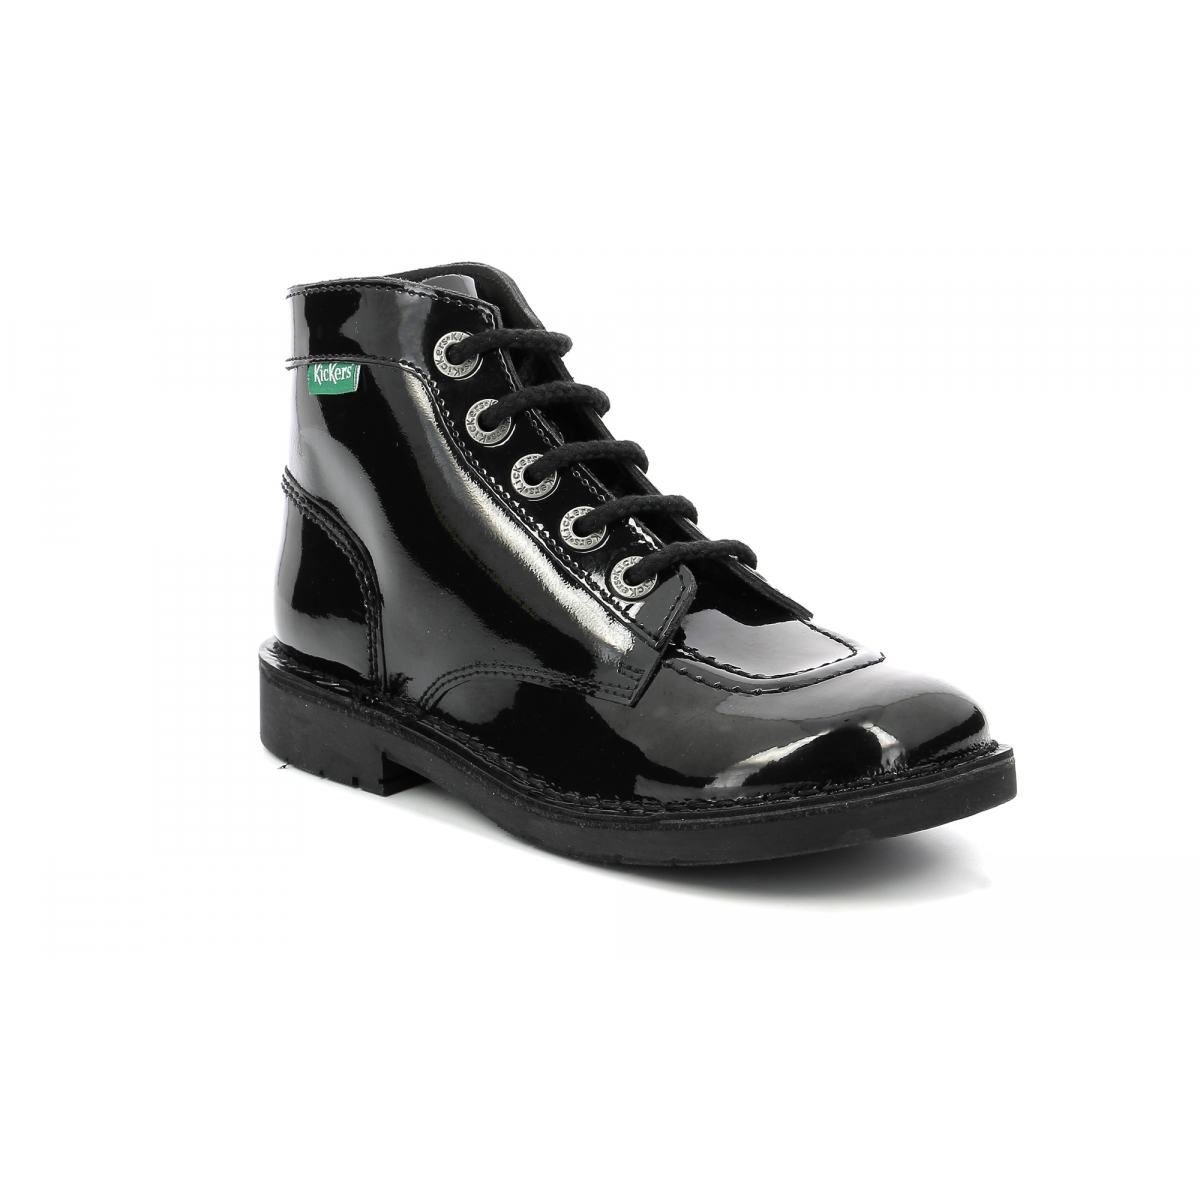 44ece59d54ce99 Chaussures Enfant KICK COL NOIR VERNIS PERM - Kickers